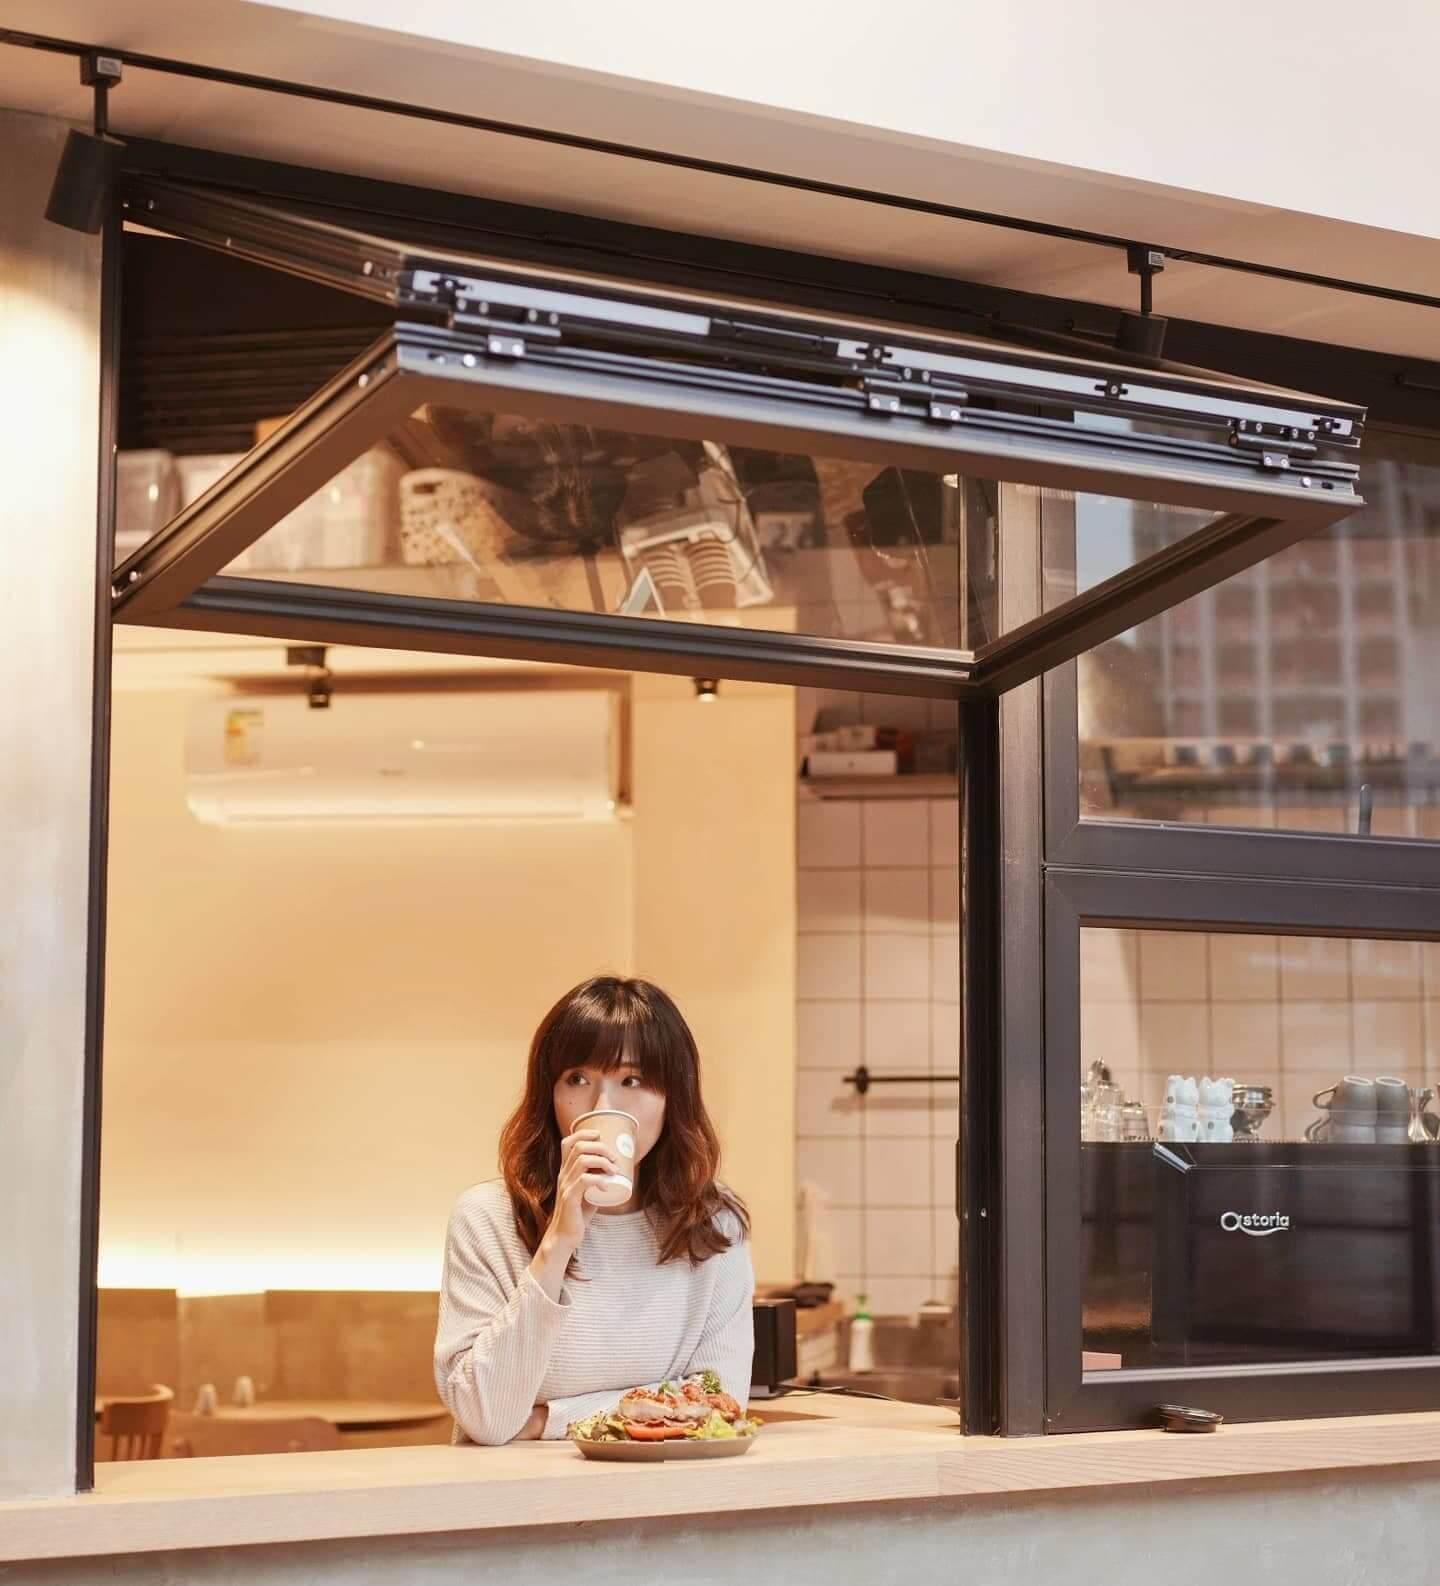 褶疊大窗是Cafe最亮眼的打卡位。